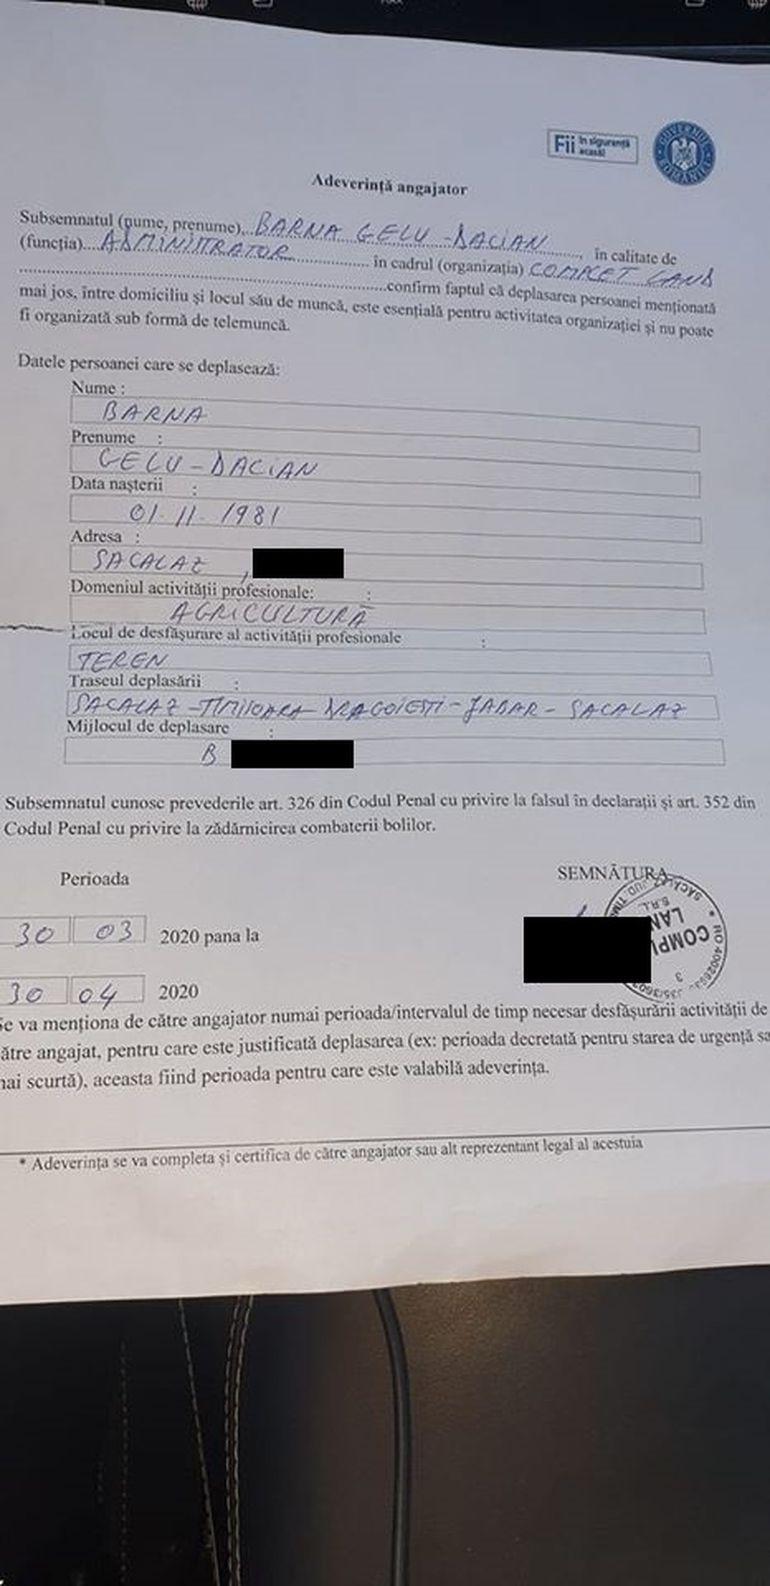 Dovada abuzului Poliției în cazul fermierului amendat cu 5.000 lei! Procesul verbal întocmit de agent, plin de erori și contradicții flagrante